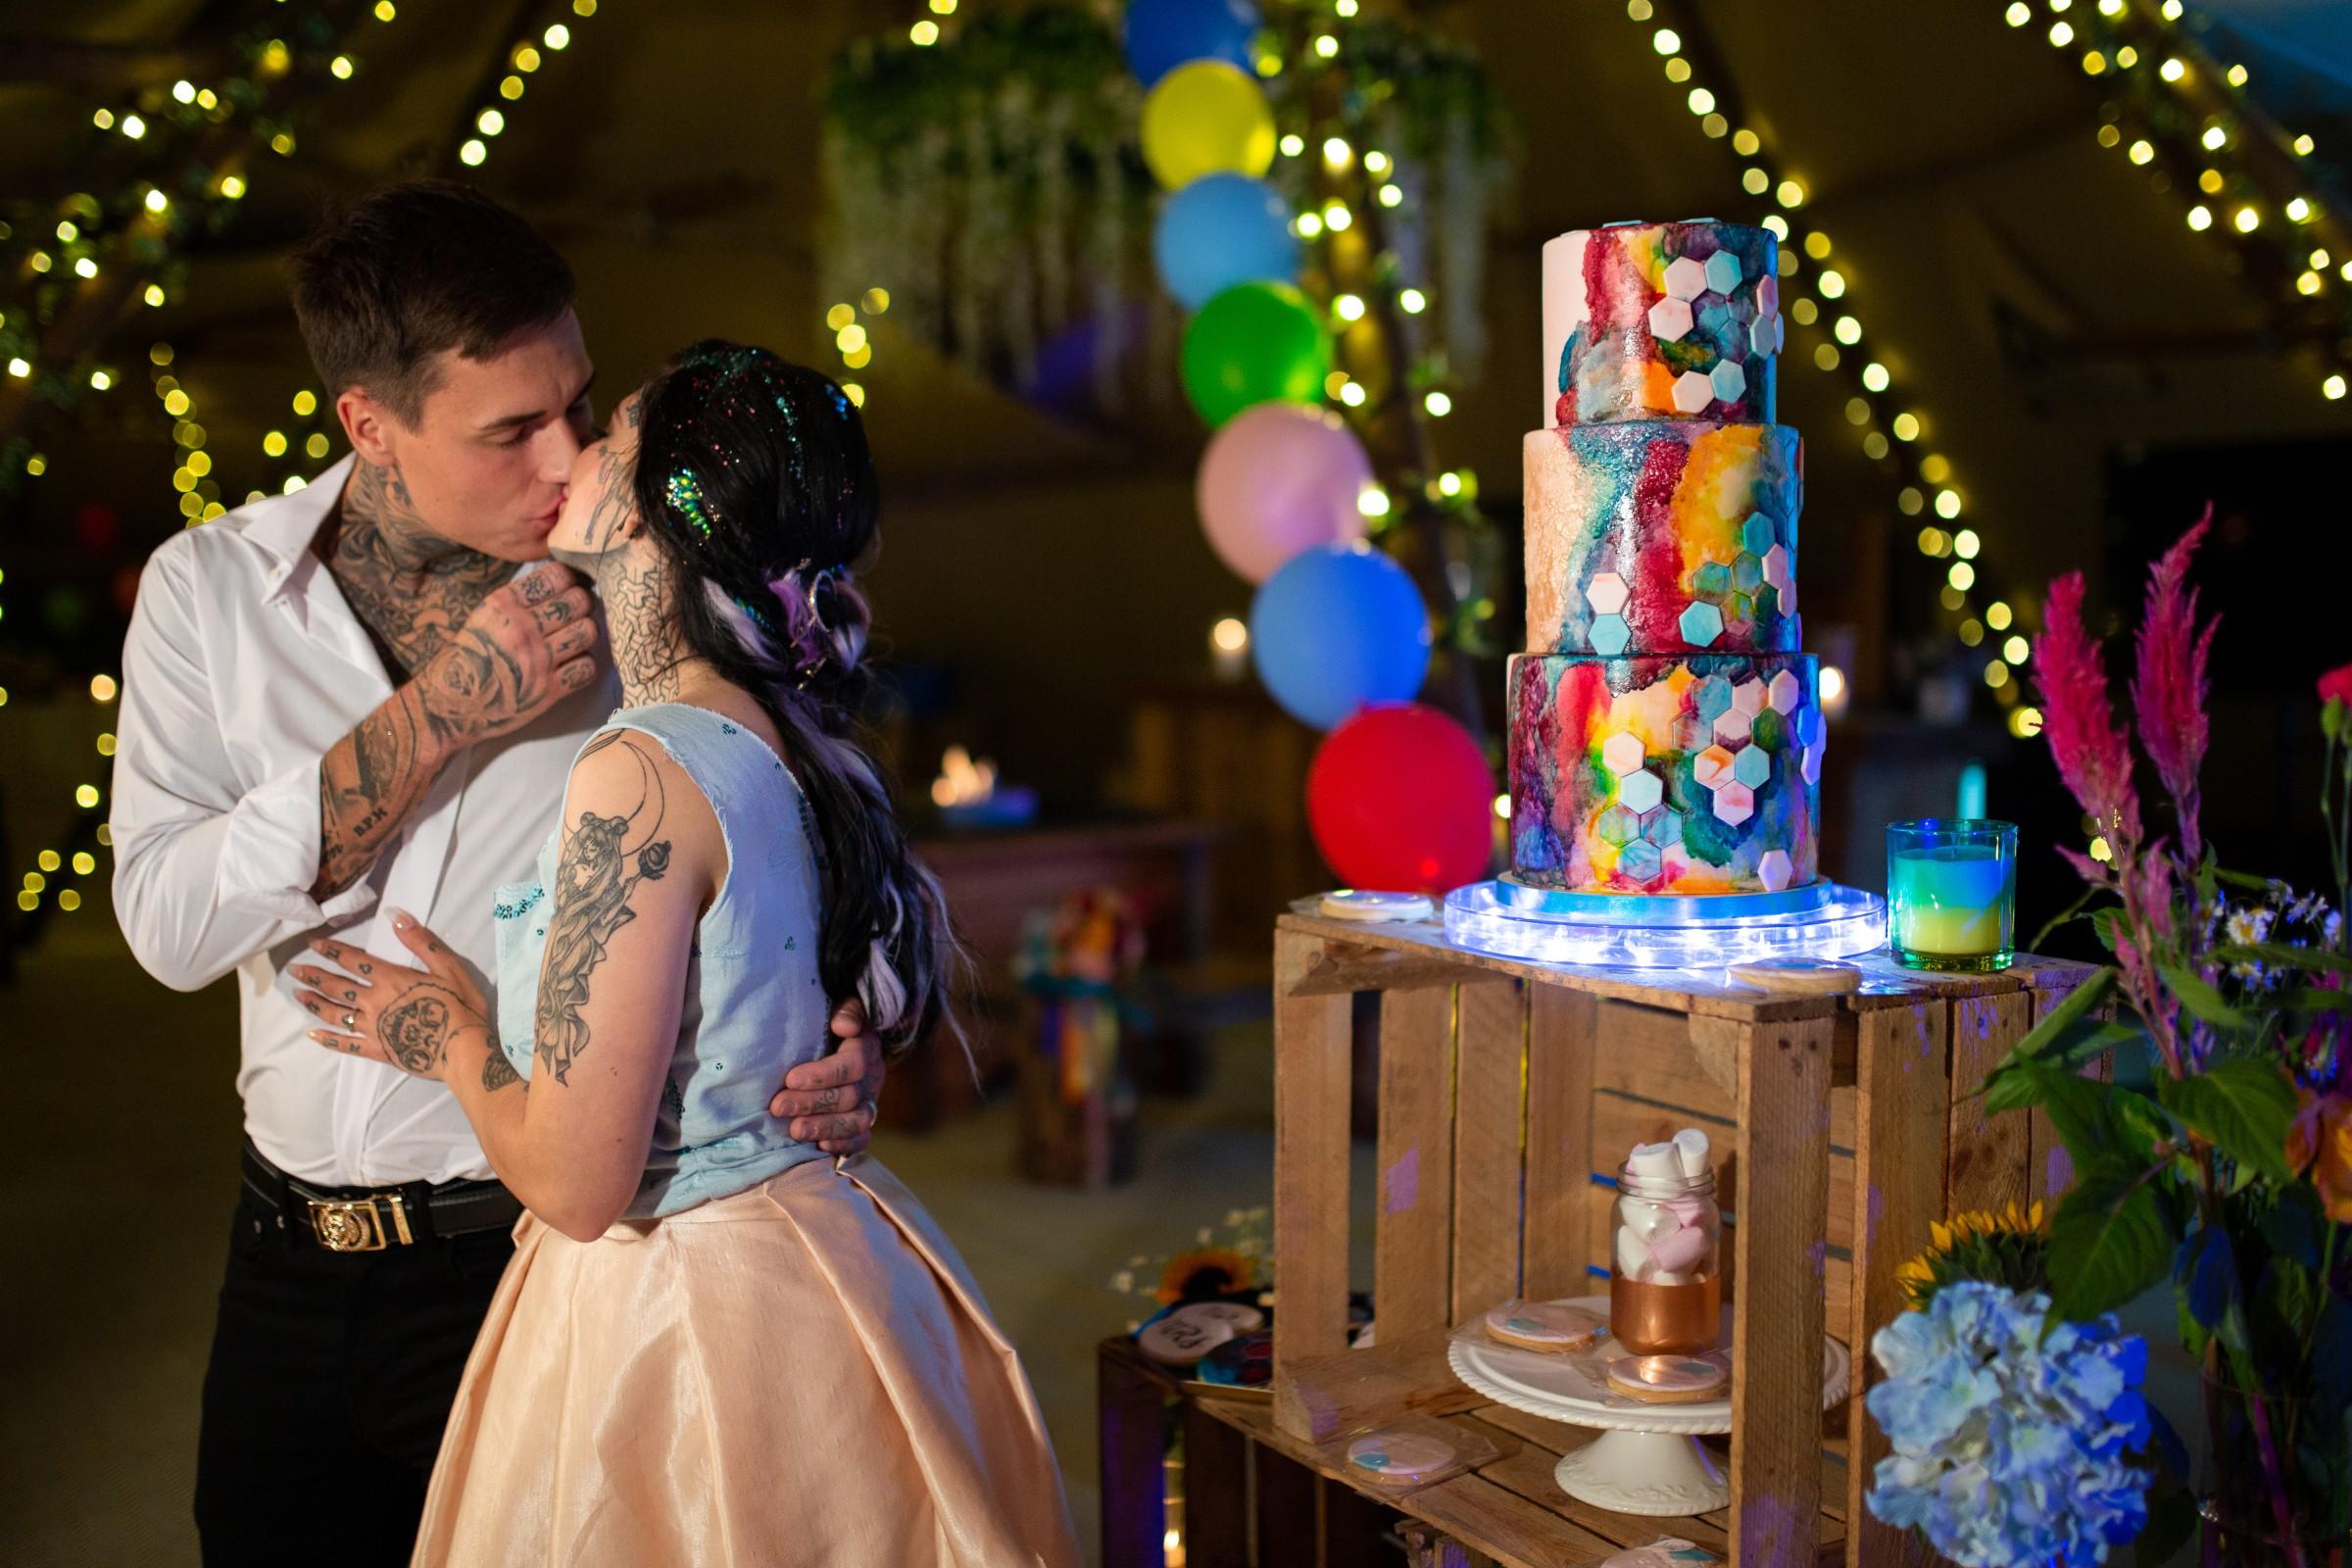 rainbow festival wedding - colourful wedding - quirky wedding ideas - rainbow wedding cake - colourful wedding cake - quirky wedding cake